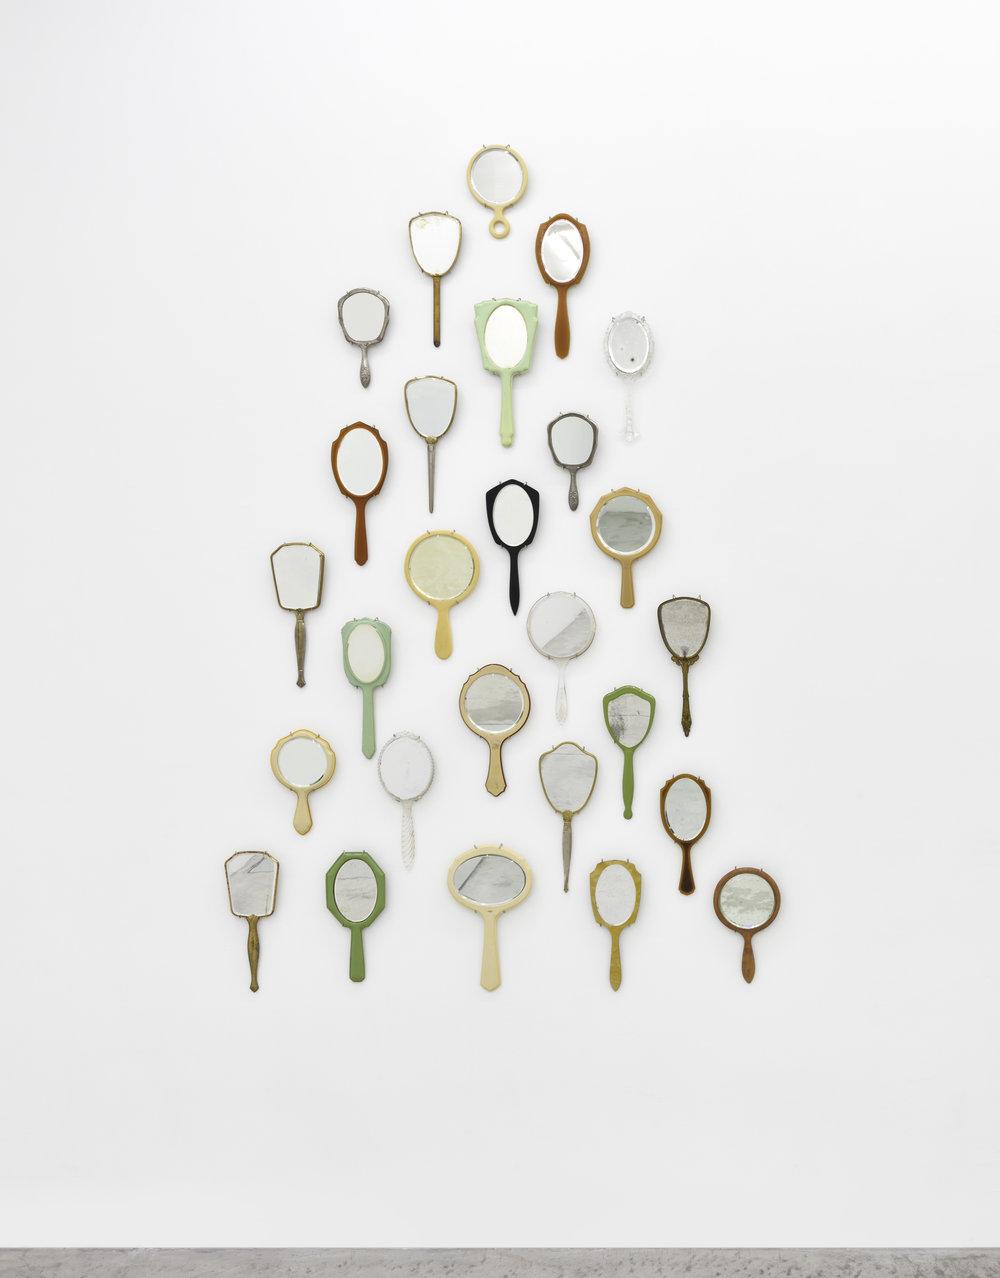 Selfie Stick (Deux), 2018 miroirs 203,2 x 139,7 cm - 80 x 55 inches